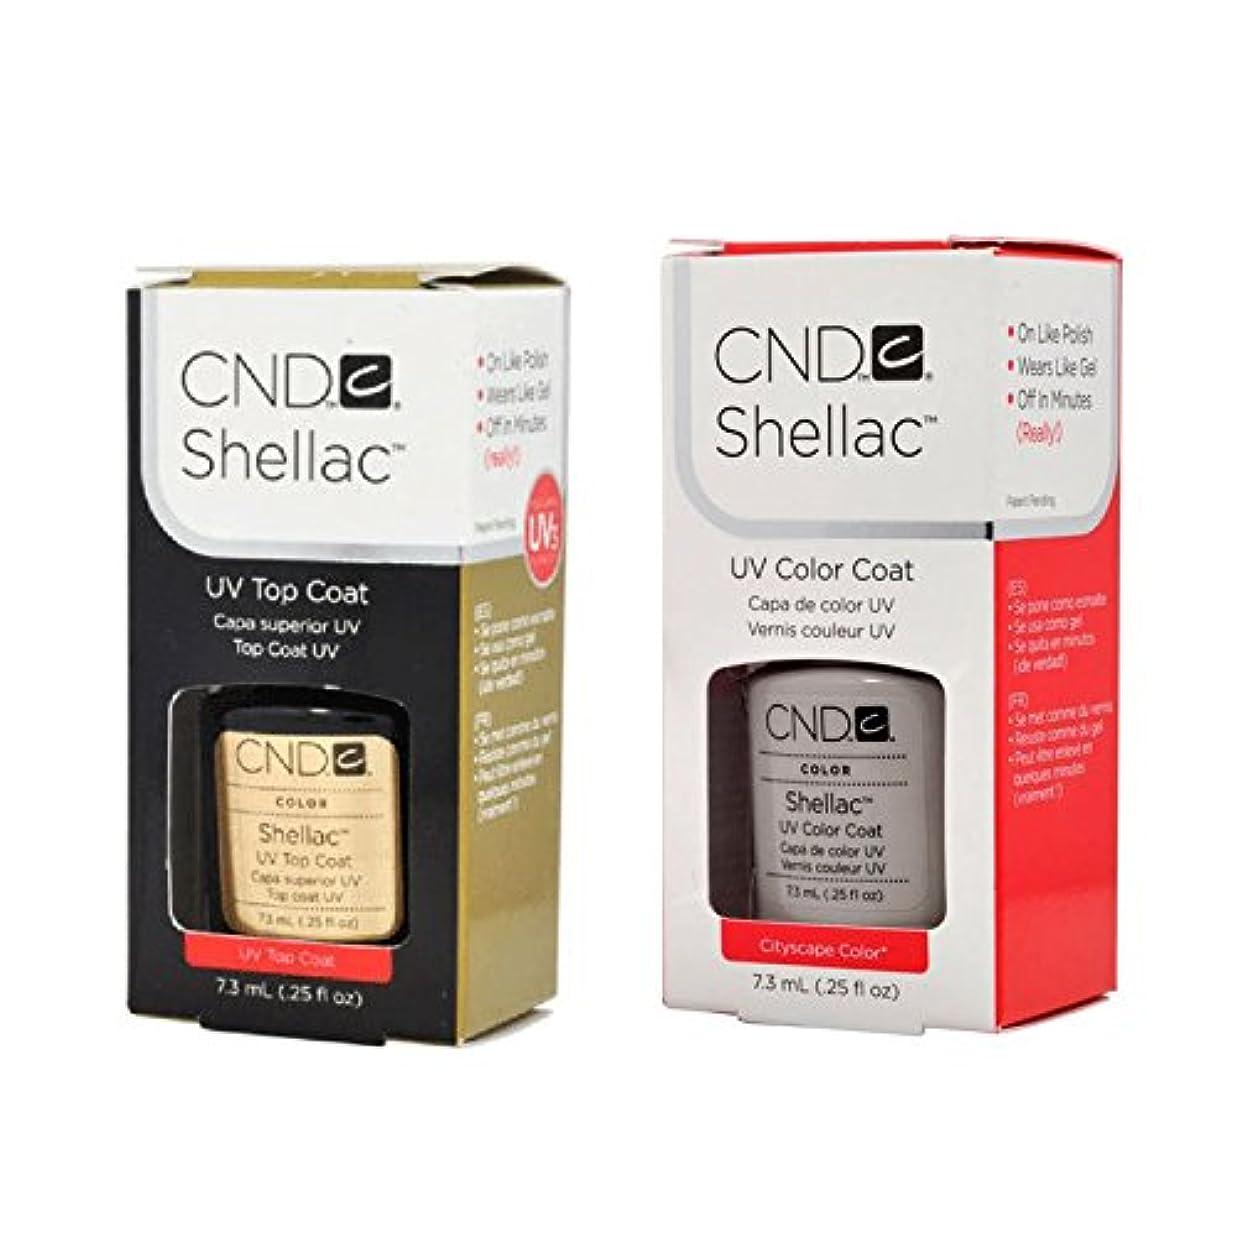 有料トレーダー信頼性CND Shellac UVトップコート 7.3m l  &  UV カラーコー< Cityscape>7.3ml [海外直送品]